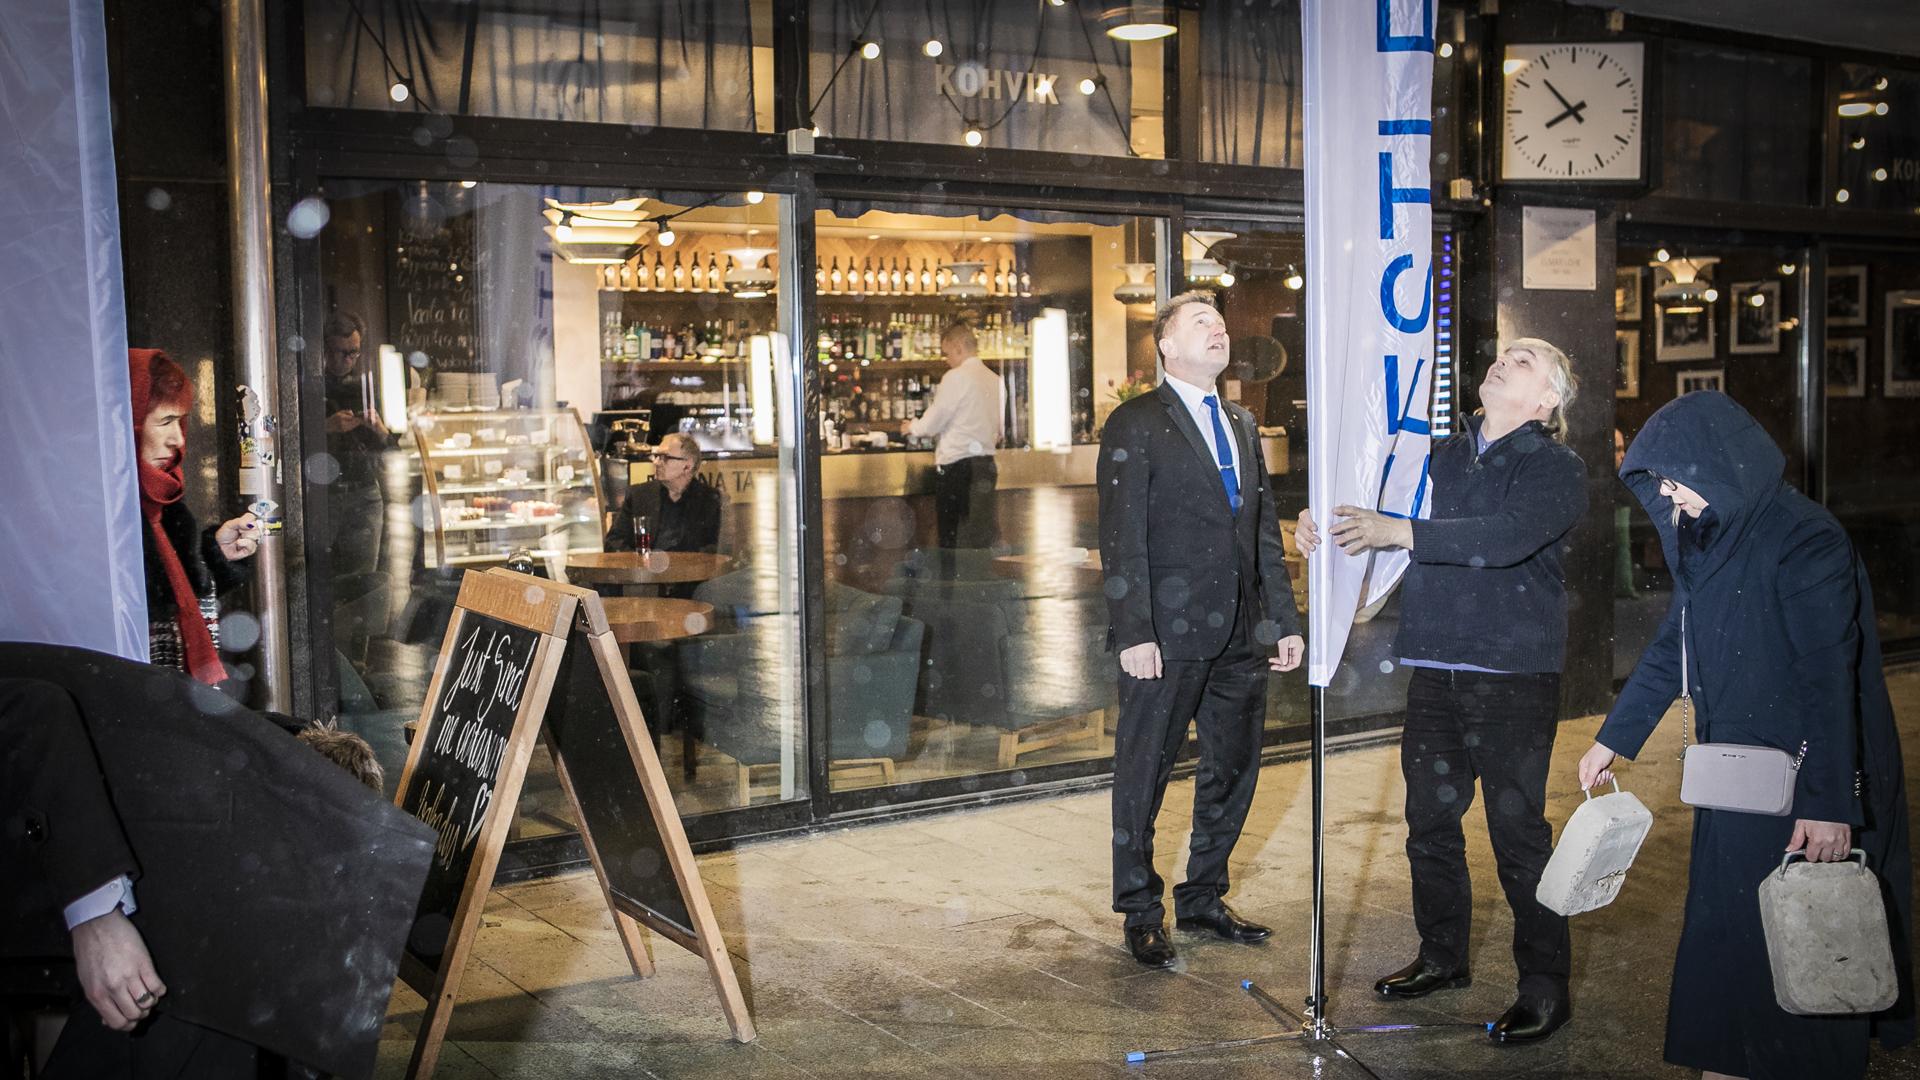 EKRE: vaalivalvojaisia valmisteellaan Tallinnan Vapaudenaukion lähellä olevassa ravintolassa sunnuntai-iltana 3. maaliskuuta.